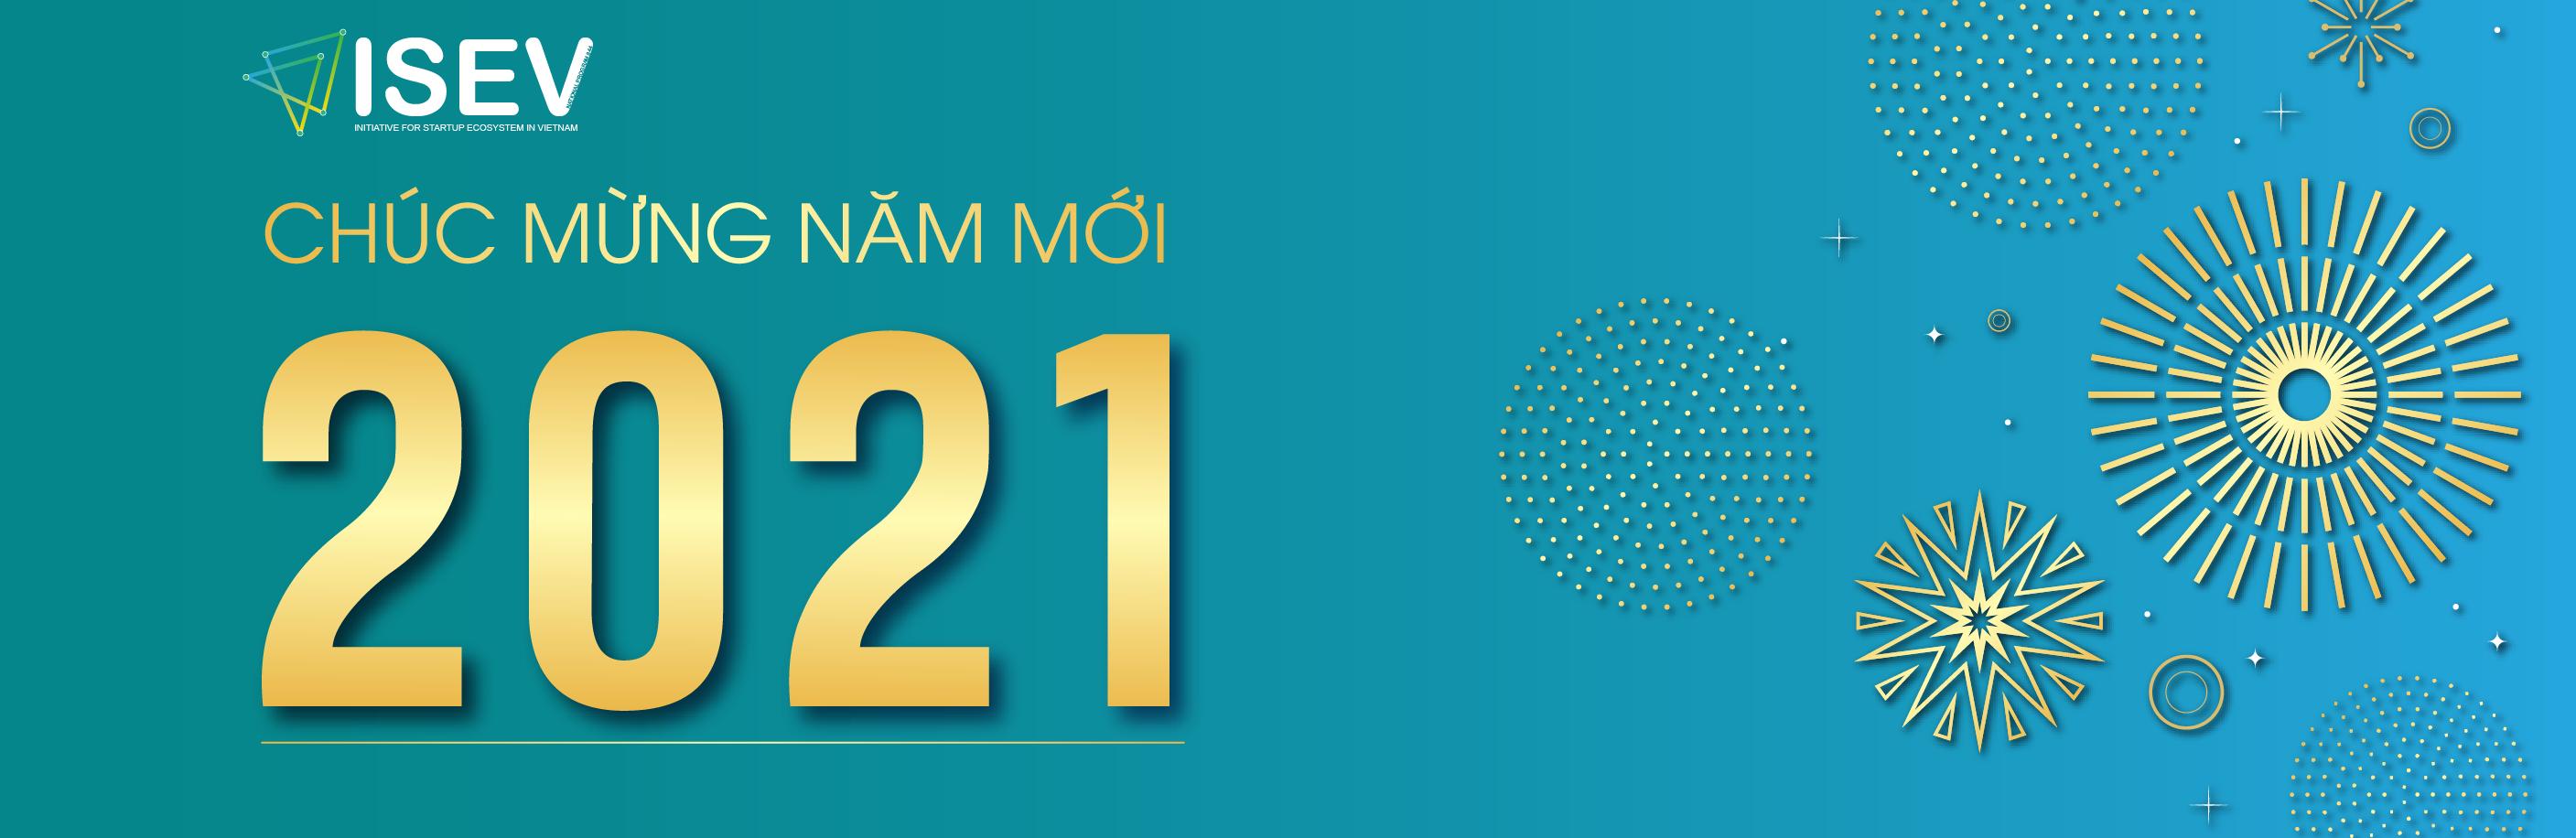 Bộ KH&CN_Chúc mừng năm mới 2021